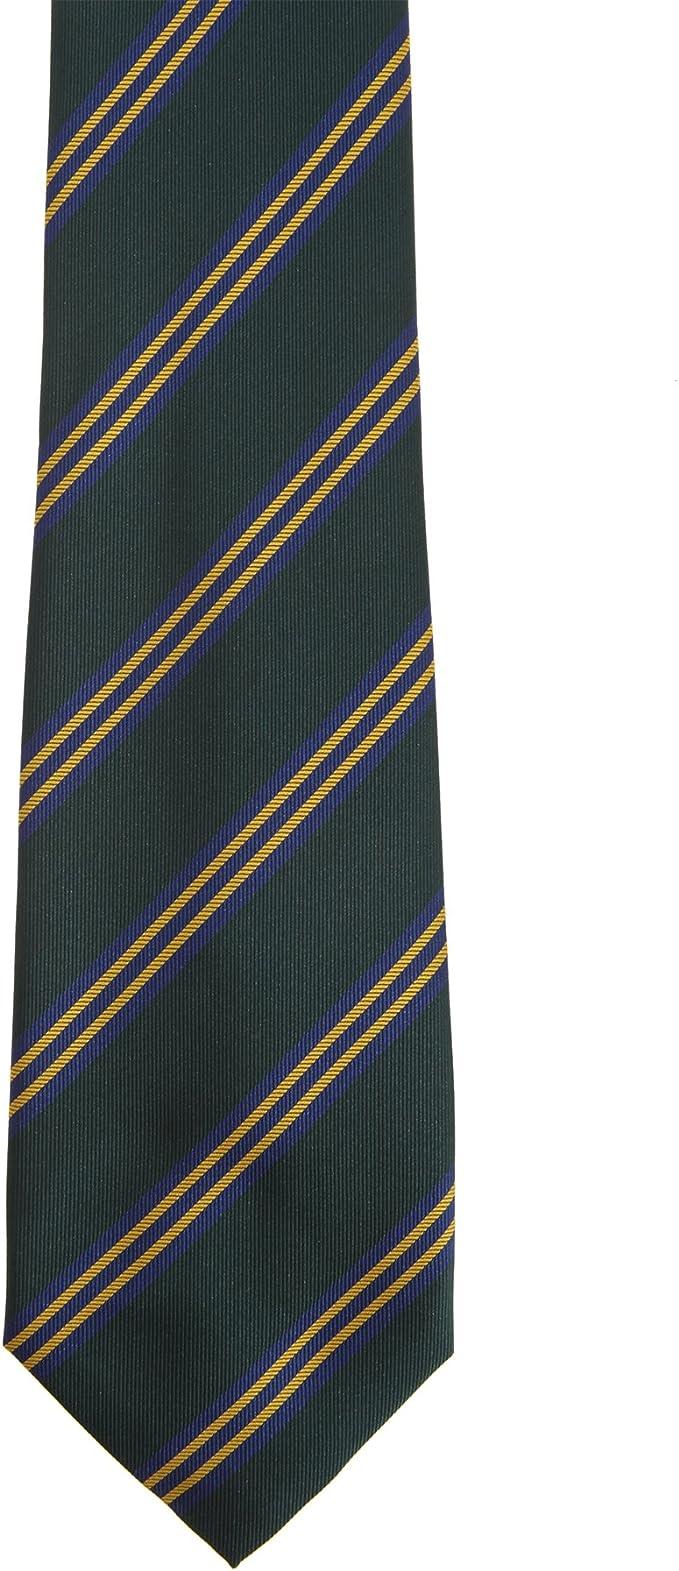 Premier Tie - Corbata de Lineas inclinadas Hombre Caballero ...